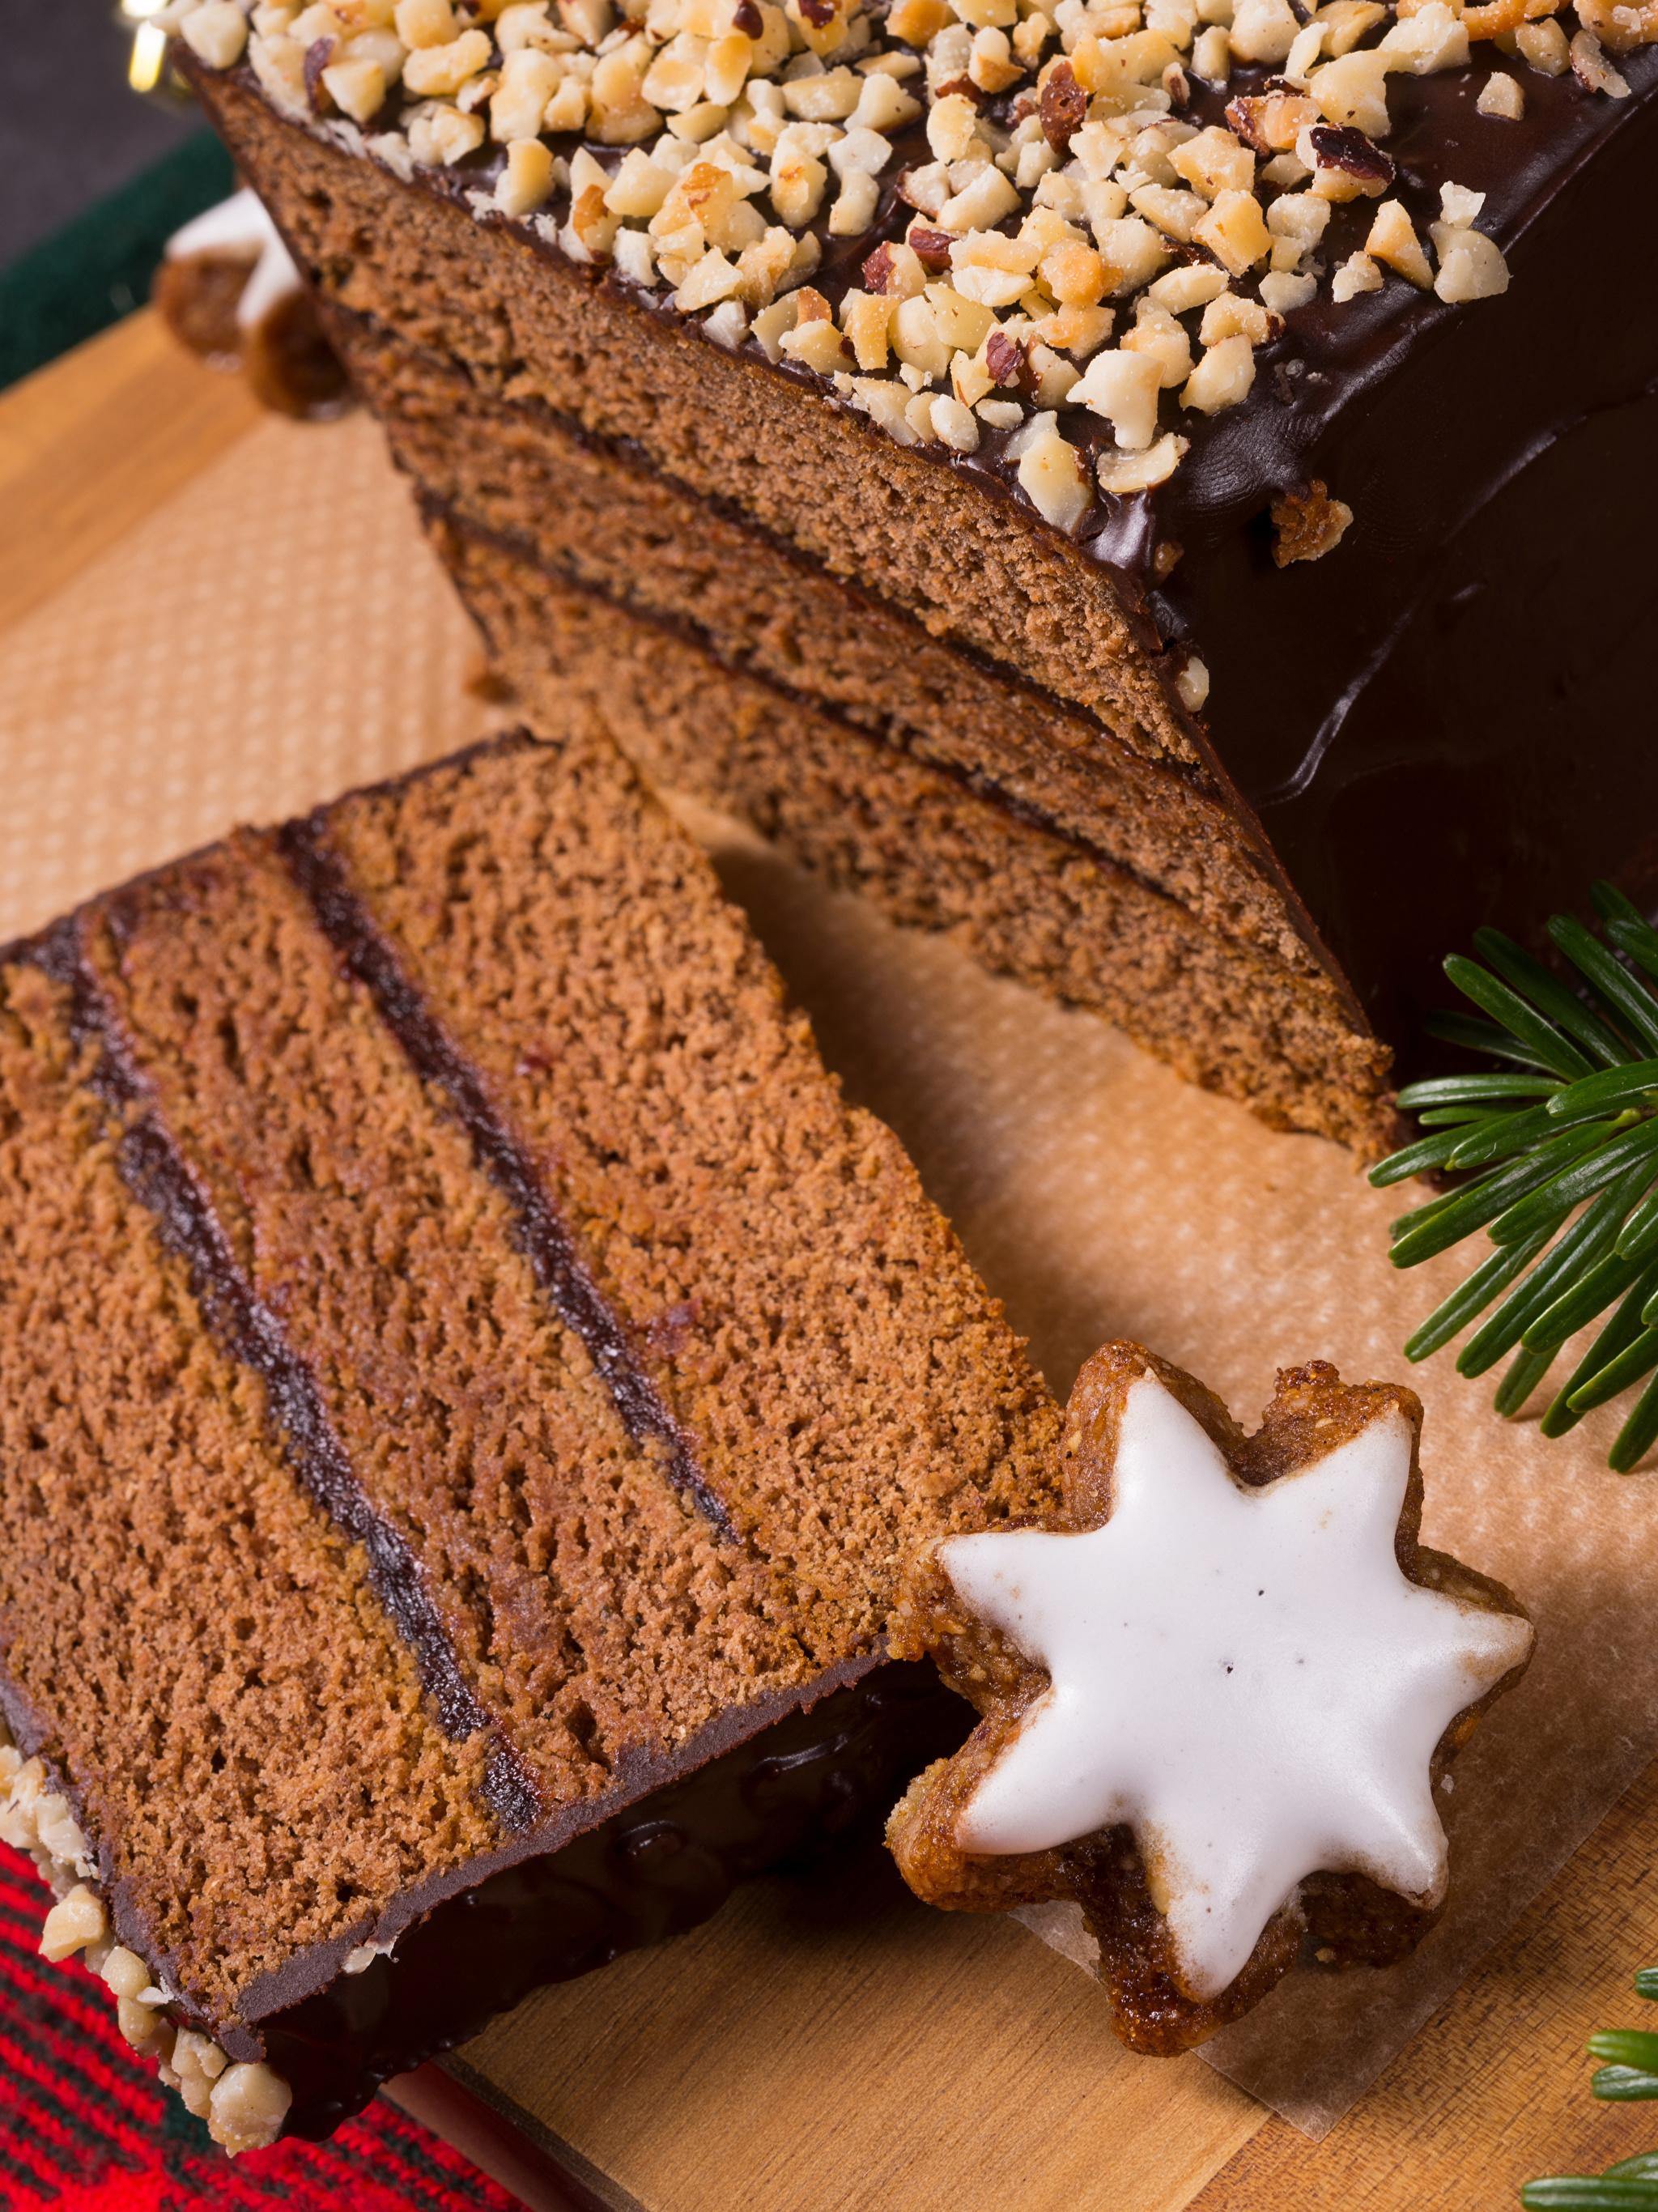 Картинка Новый год Шоколад Торты Кусок Пища Печенье Выпечка 2048x2732 Рождество часть Еда Продукты питания